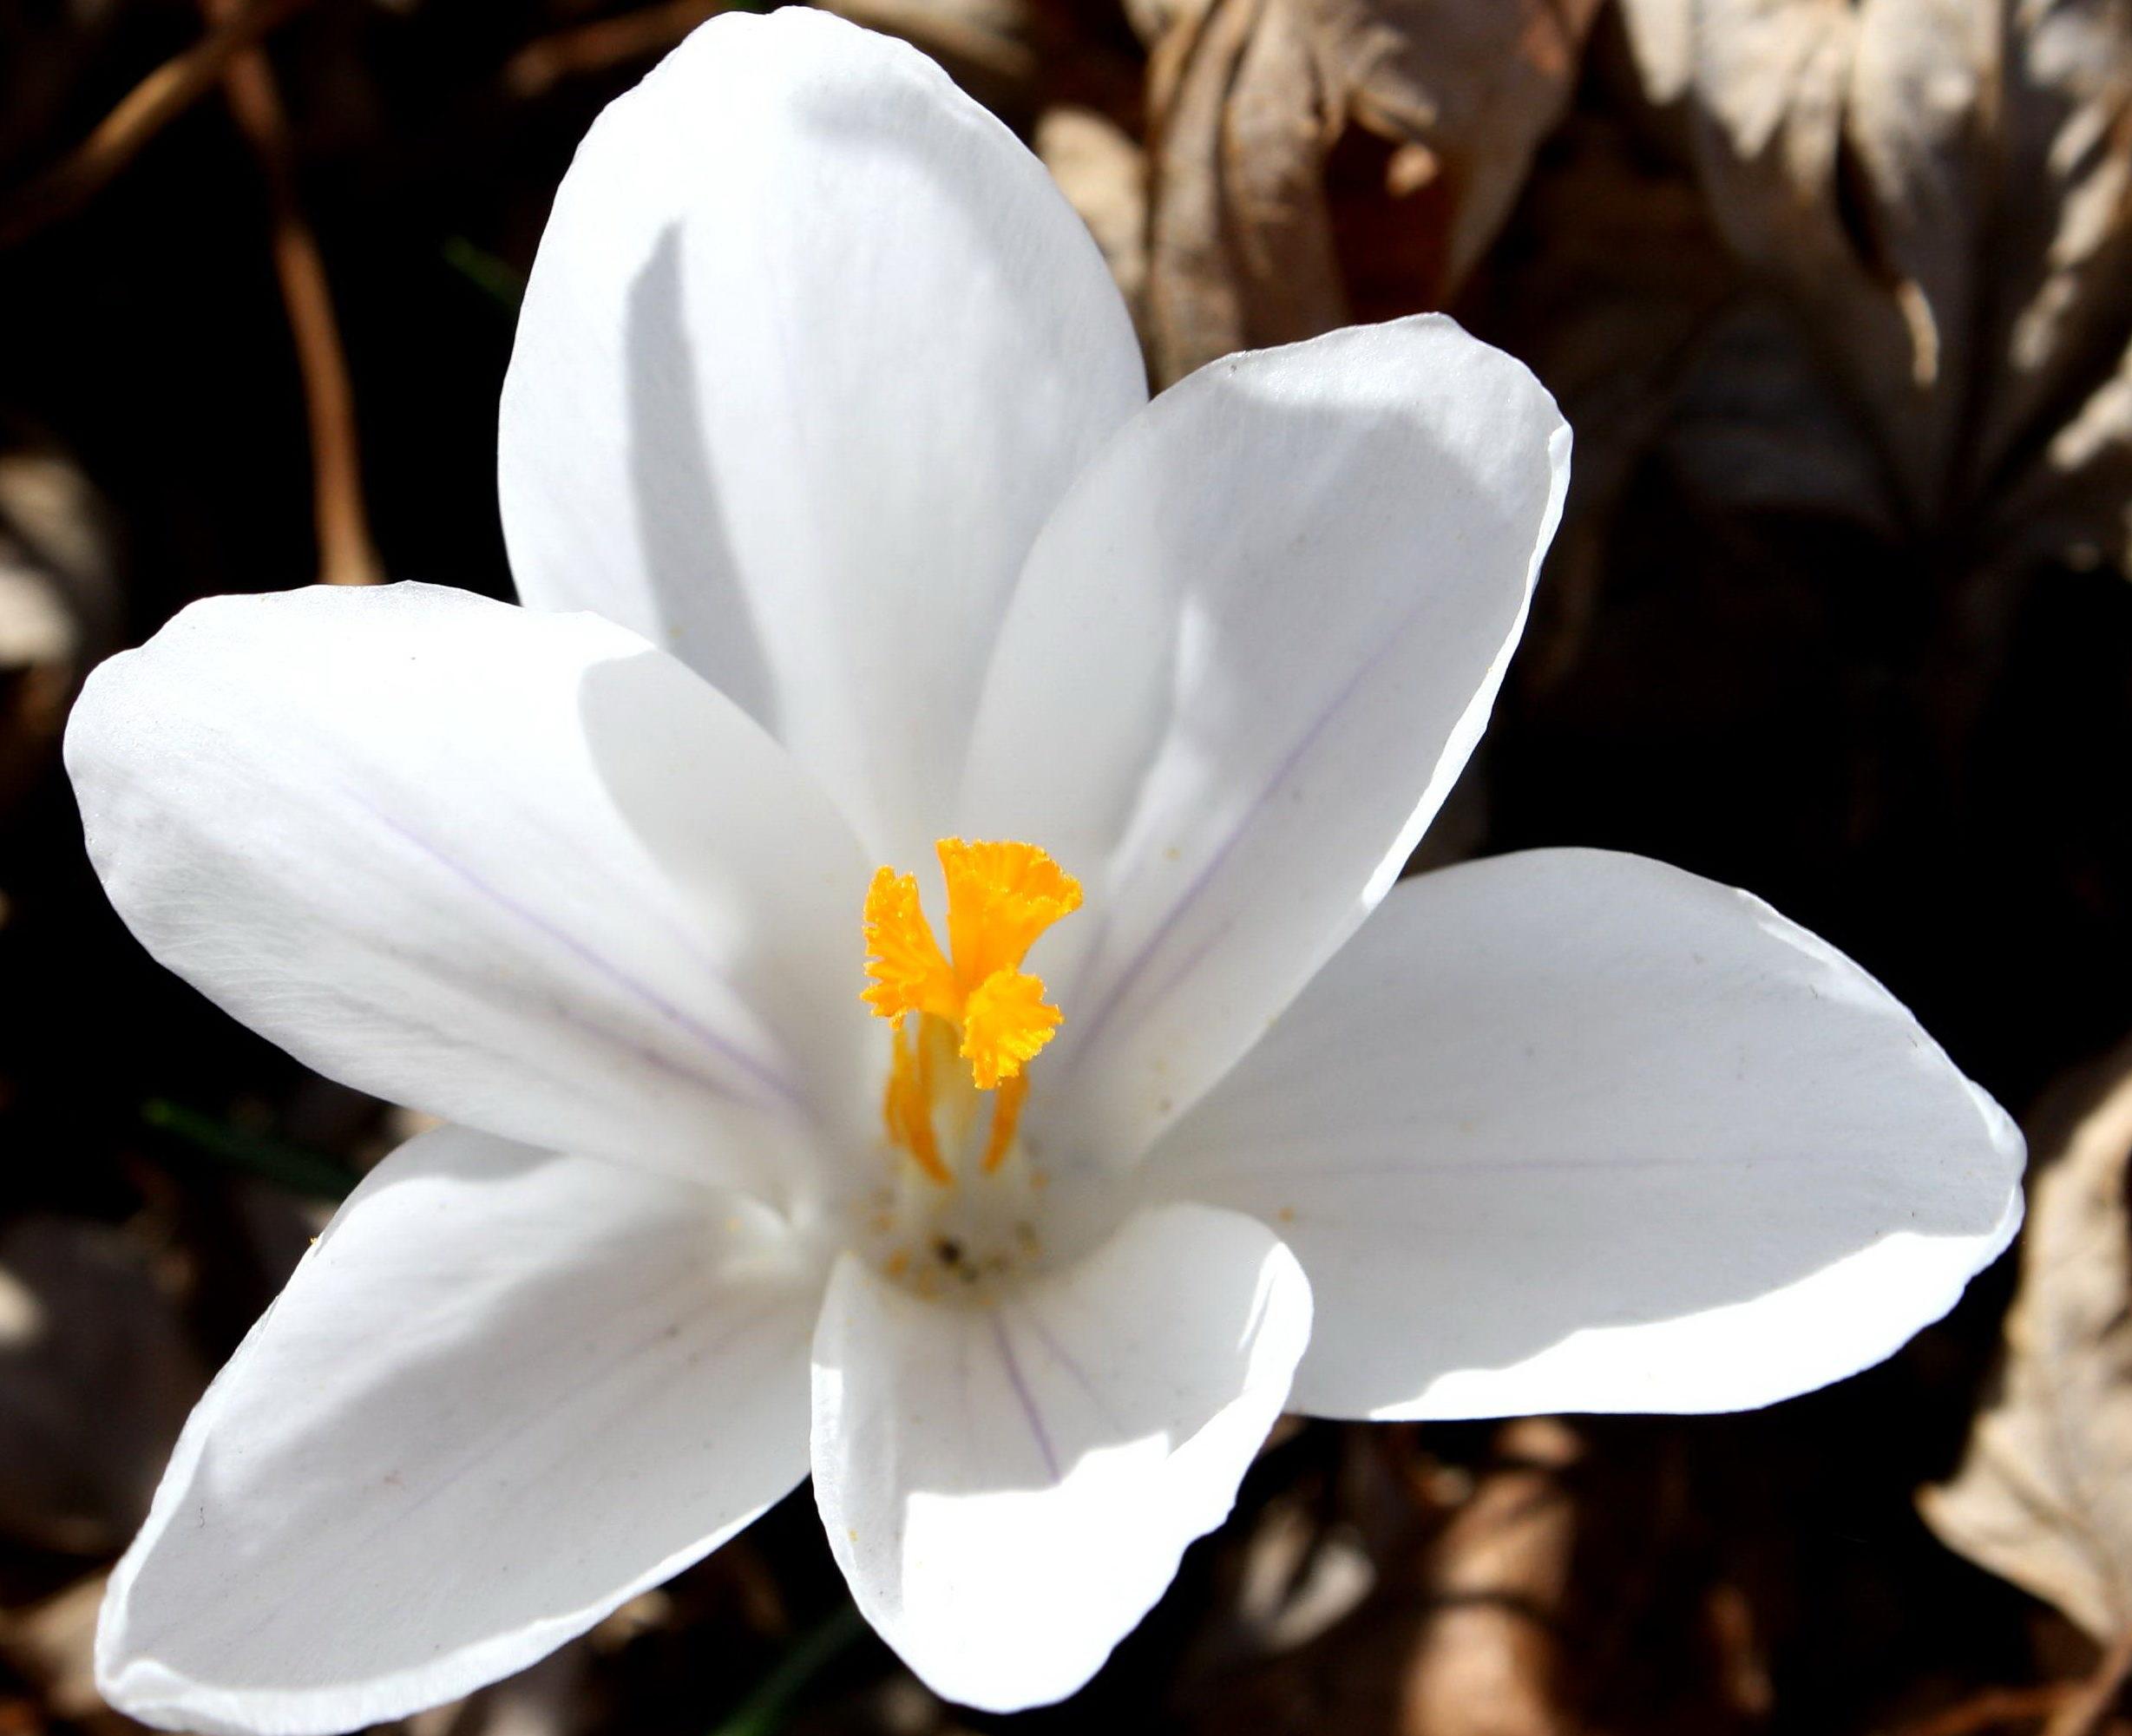 Imagen gratis ptalos de color blanco estambre polen